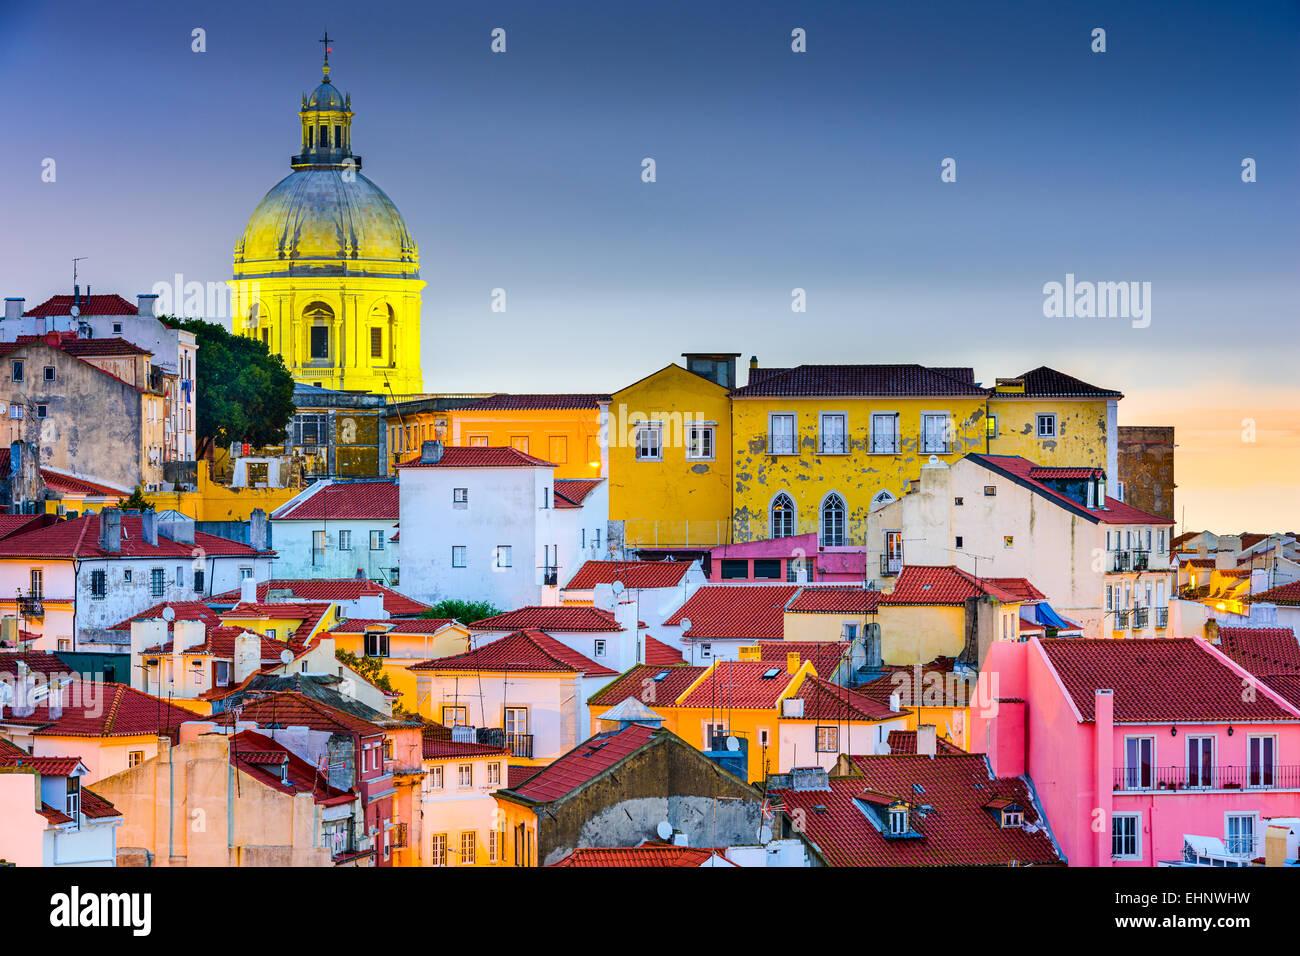 Lisbona, Portogallo skyline ad Alfama, il quartiere più antico della città con il Pantheon Nazionale Dome. Immagini Stock